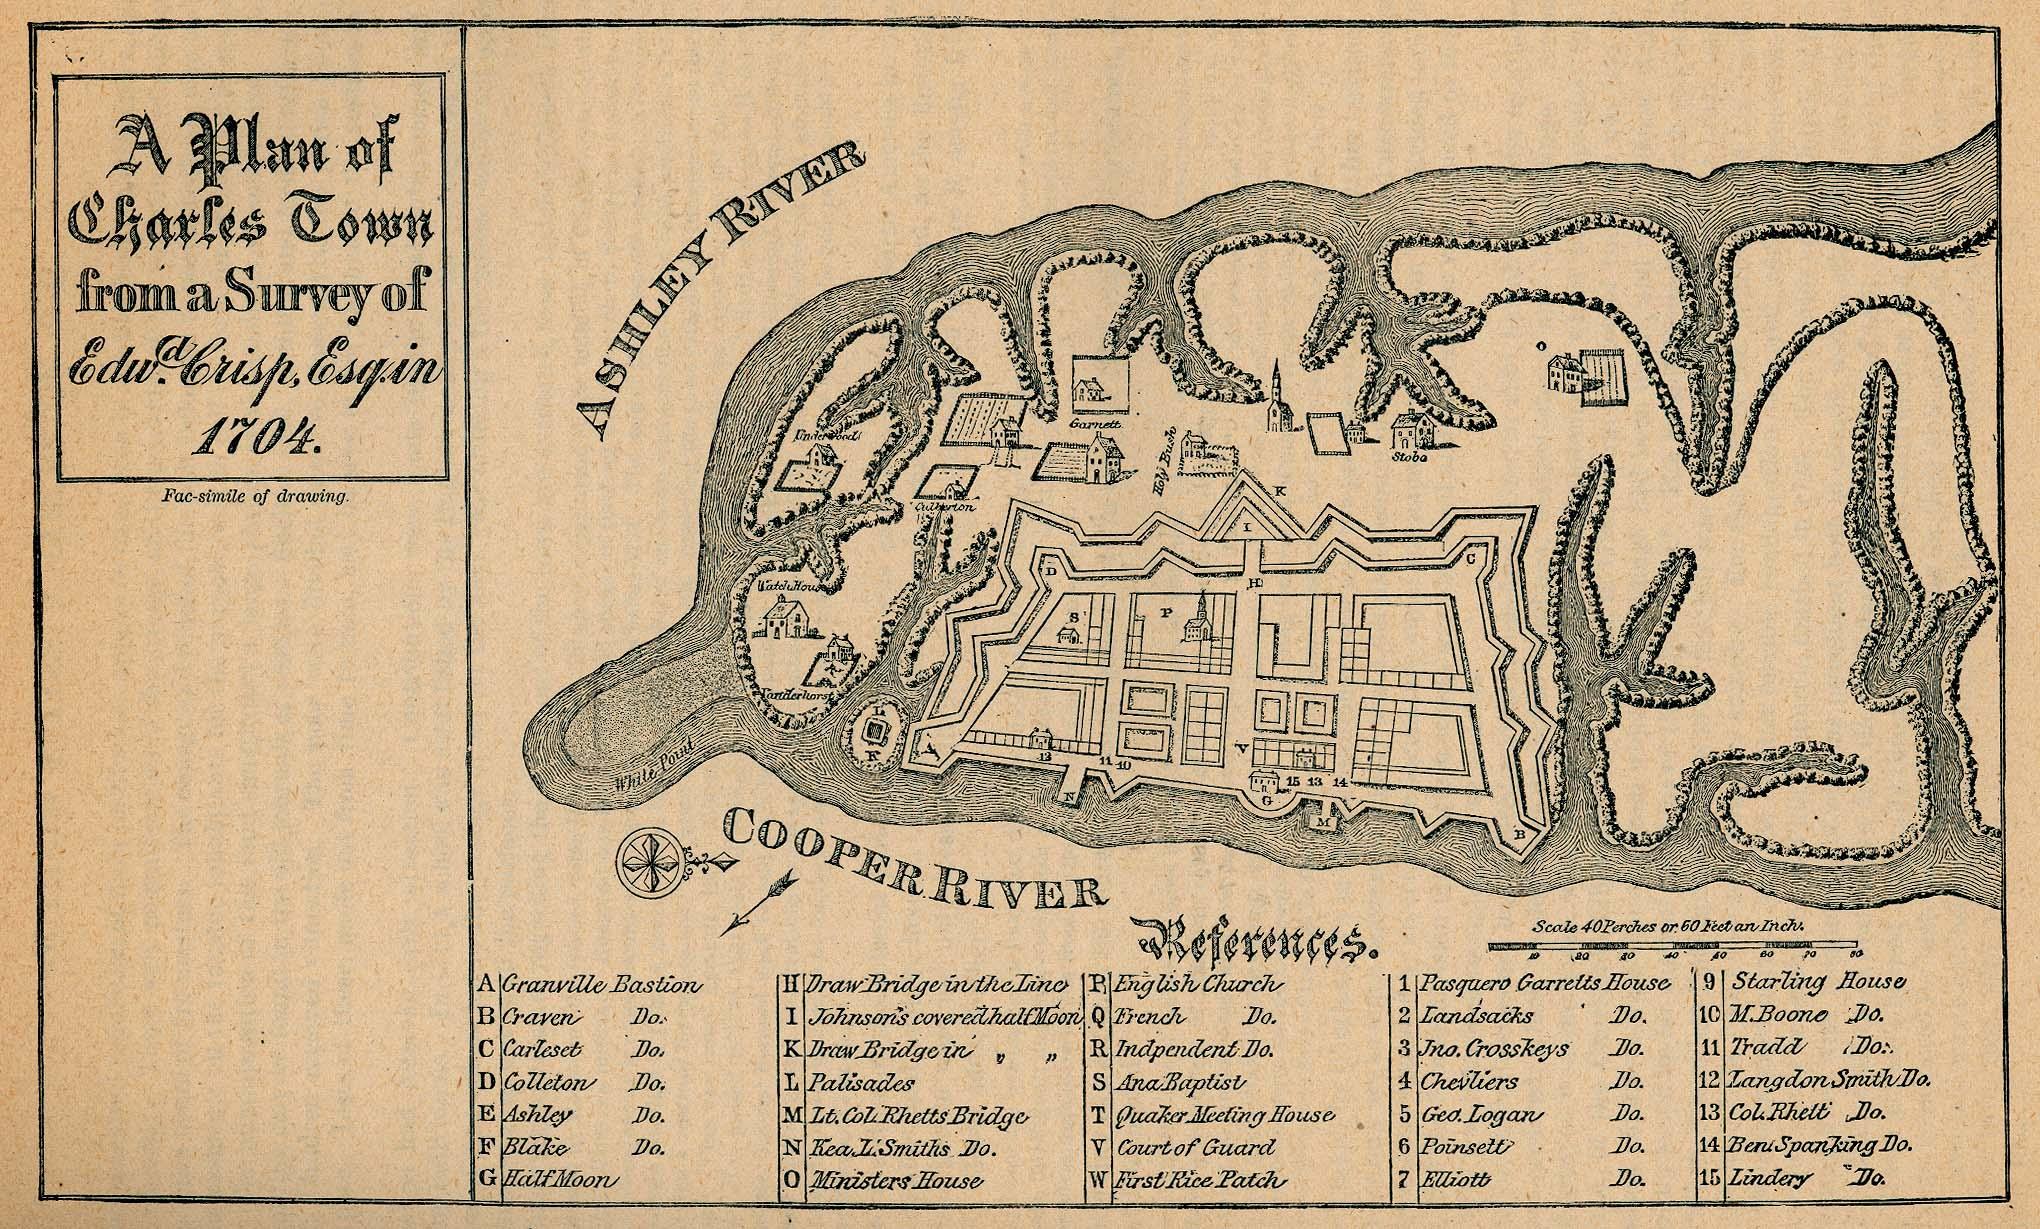 Mapa de la Ciudad de Charleston, Carolina del Sur, Estados Unidos 1704